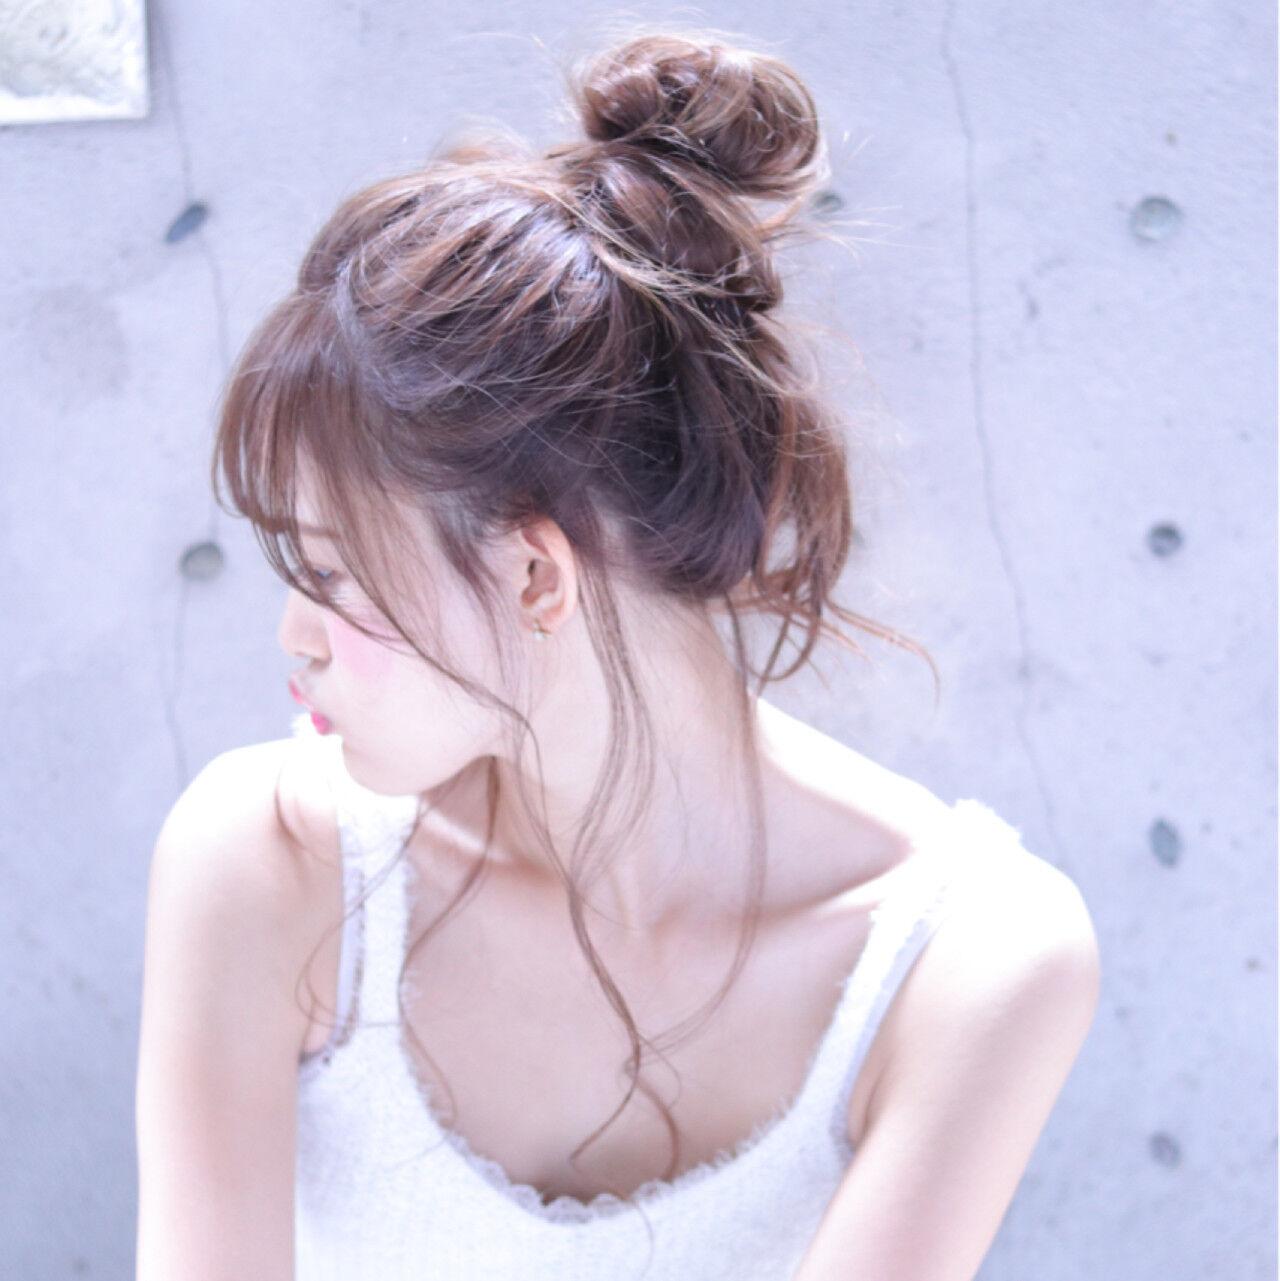 ヘアアレンジ 大人女子 簡単ヘアアレンジ メッシーバンヘアスタイルや髪型の写真・画像